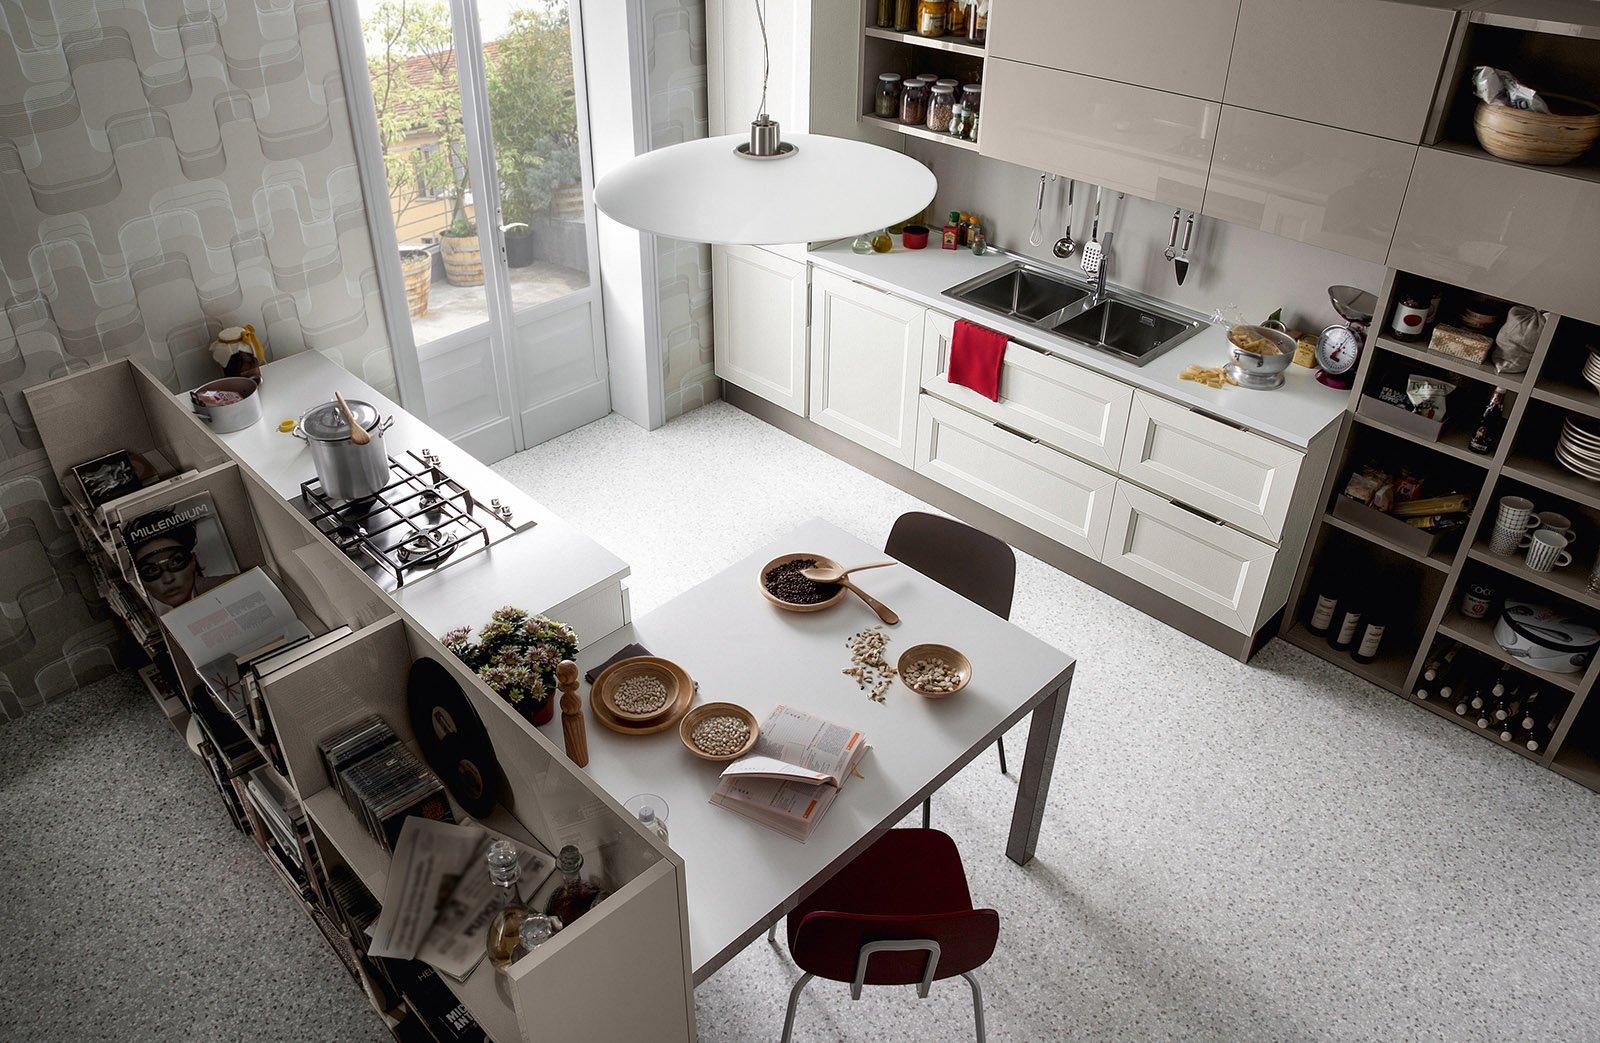 Cucine: funzionalità al primo prezzo - Cose di Casa